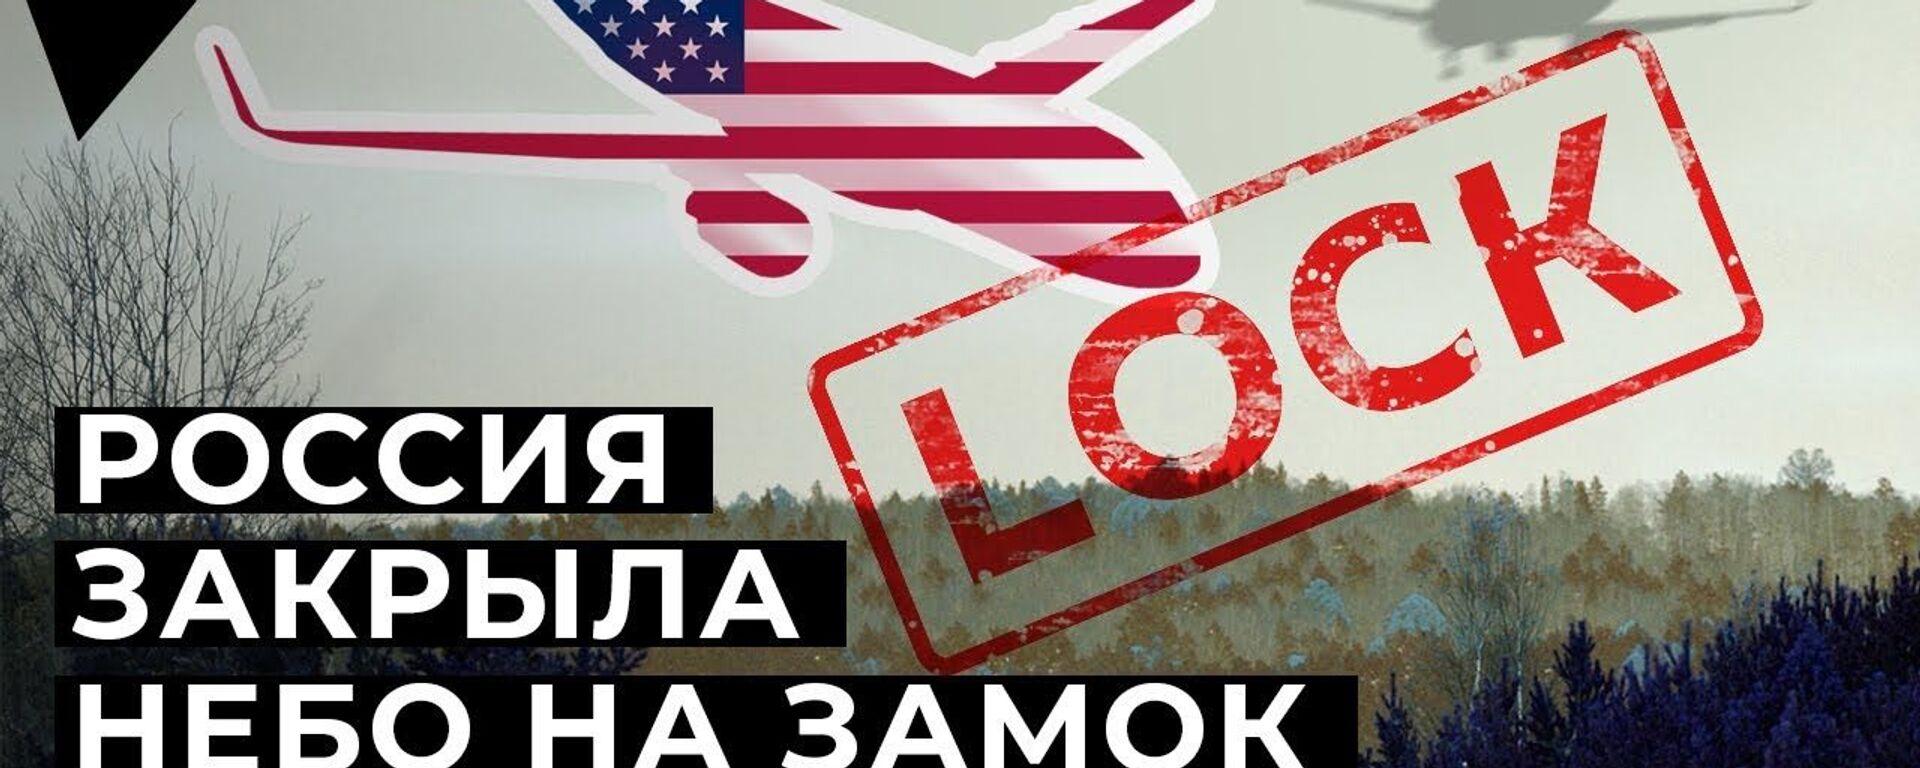 Почему Россия выходит из Договора по открытому небу? - Sputnik Латвия, 1920, 16.01.2021